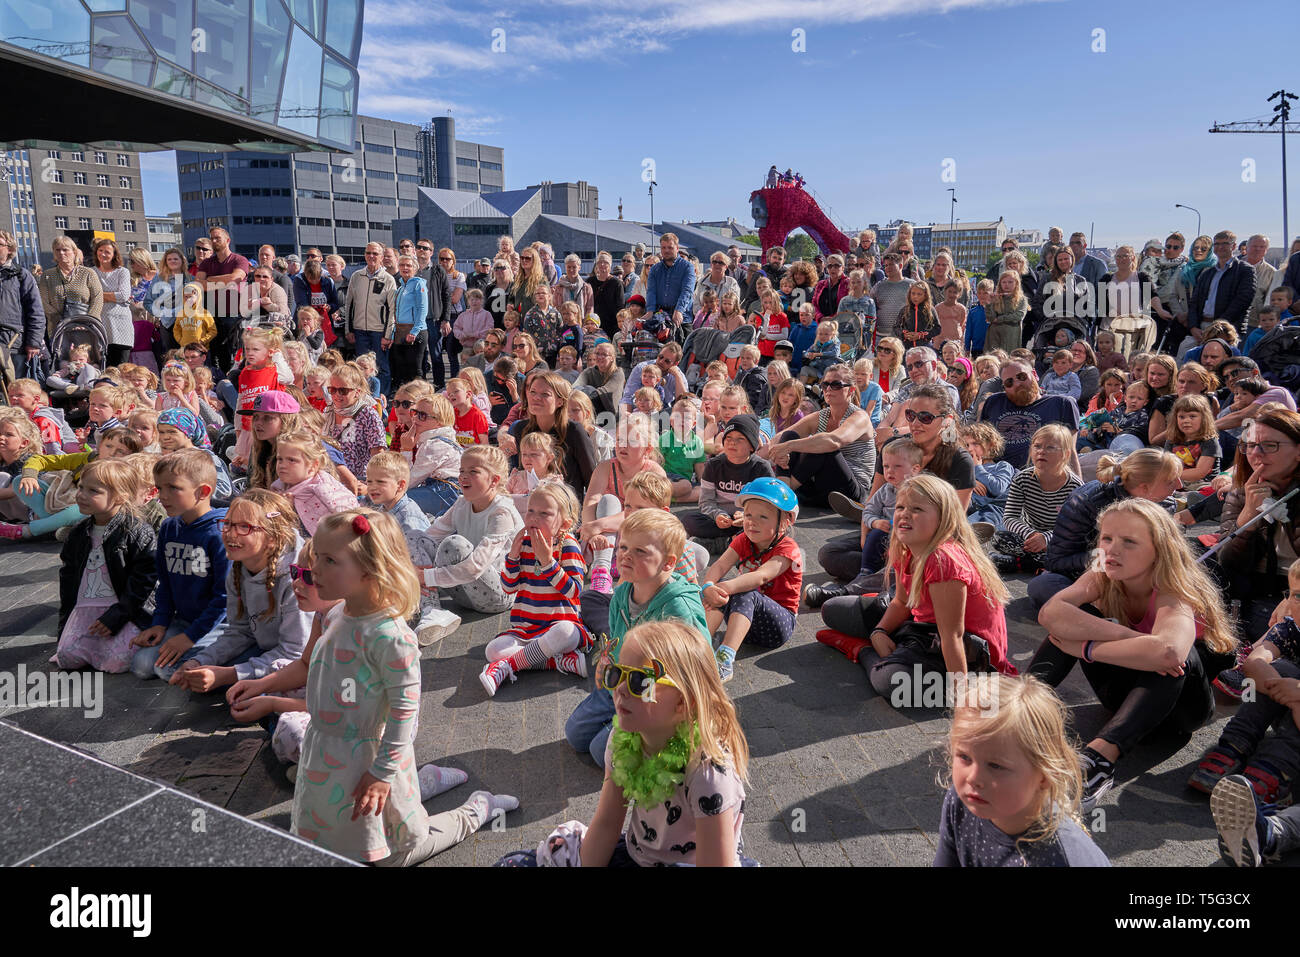 Kinder genießen die Außenbereiche, kulturellen Tag, Sommerfest, Reykjavik, Island Stockbild